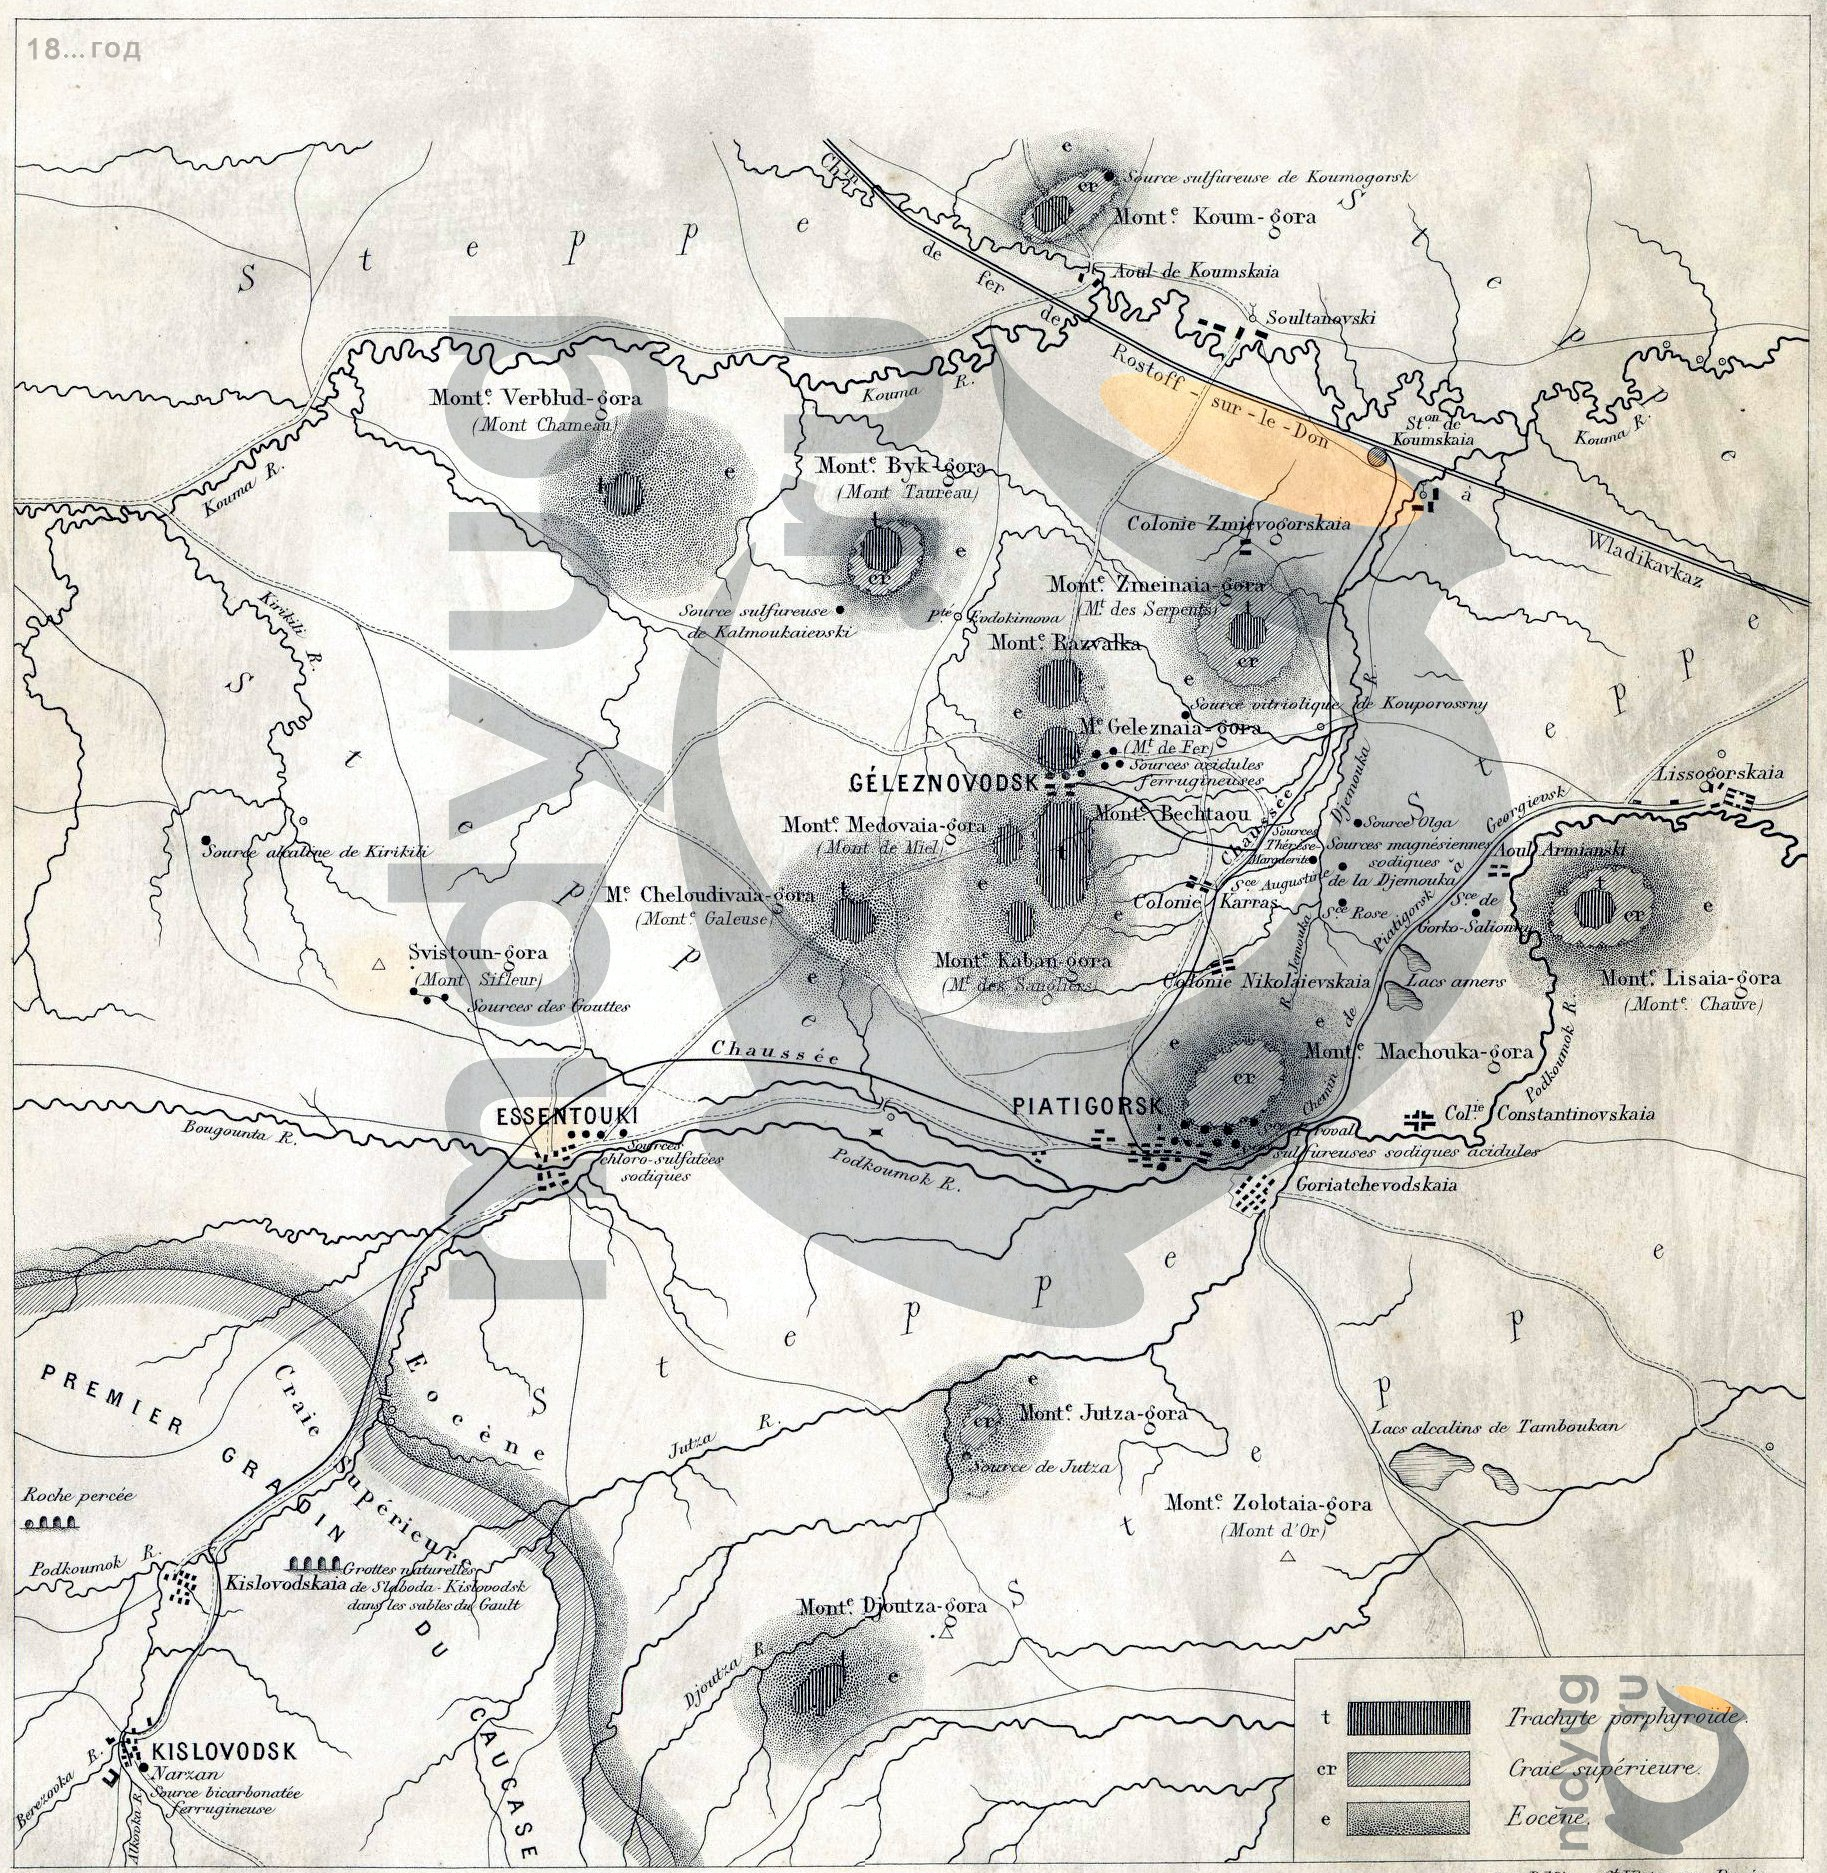 Карта Пятигорска 1875-1876 гг.